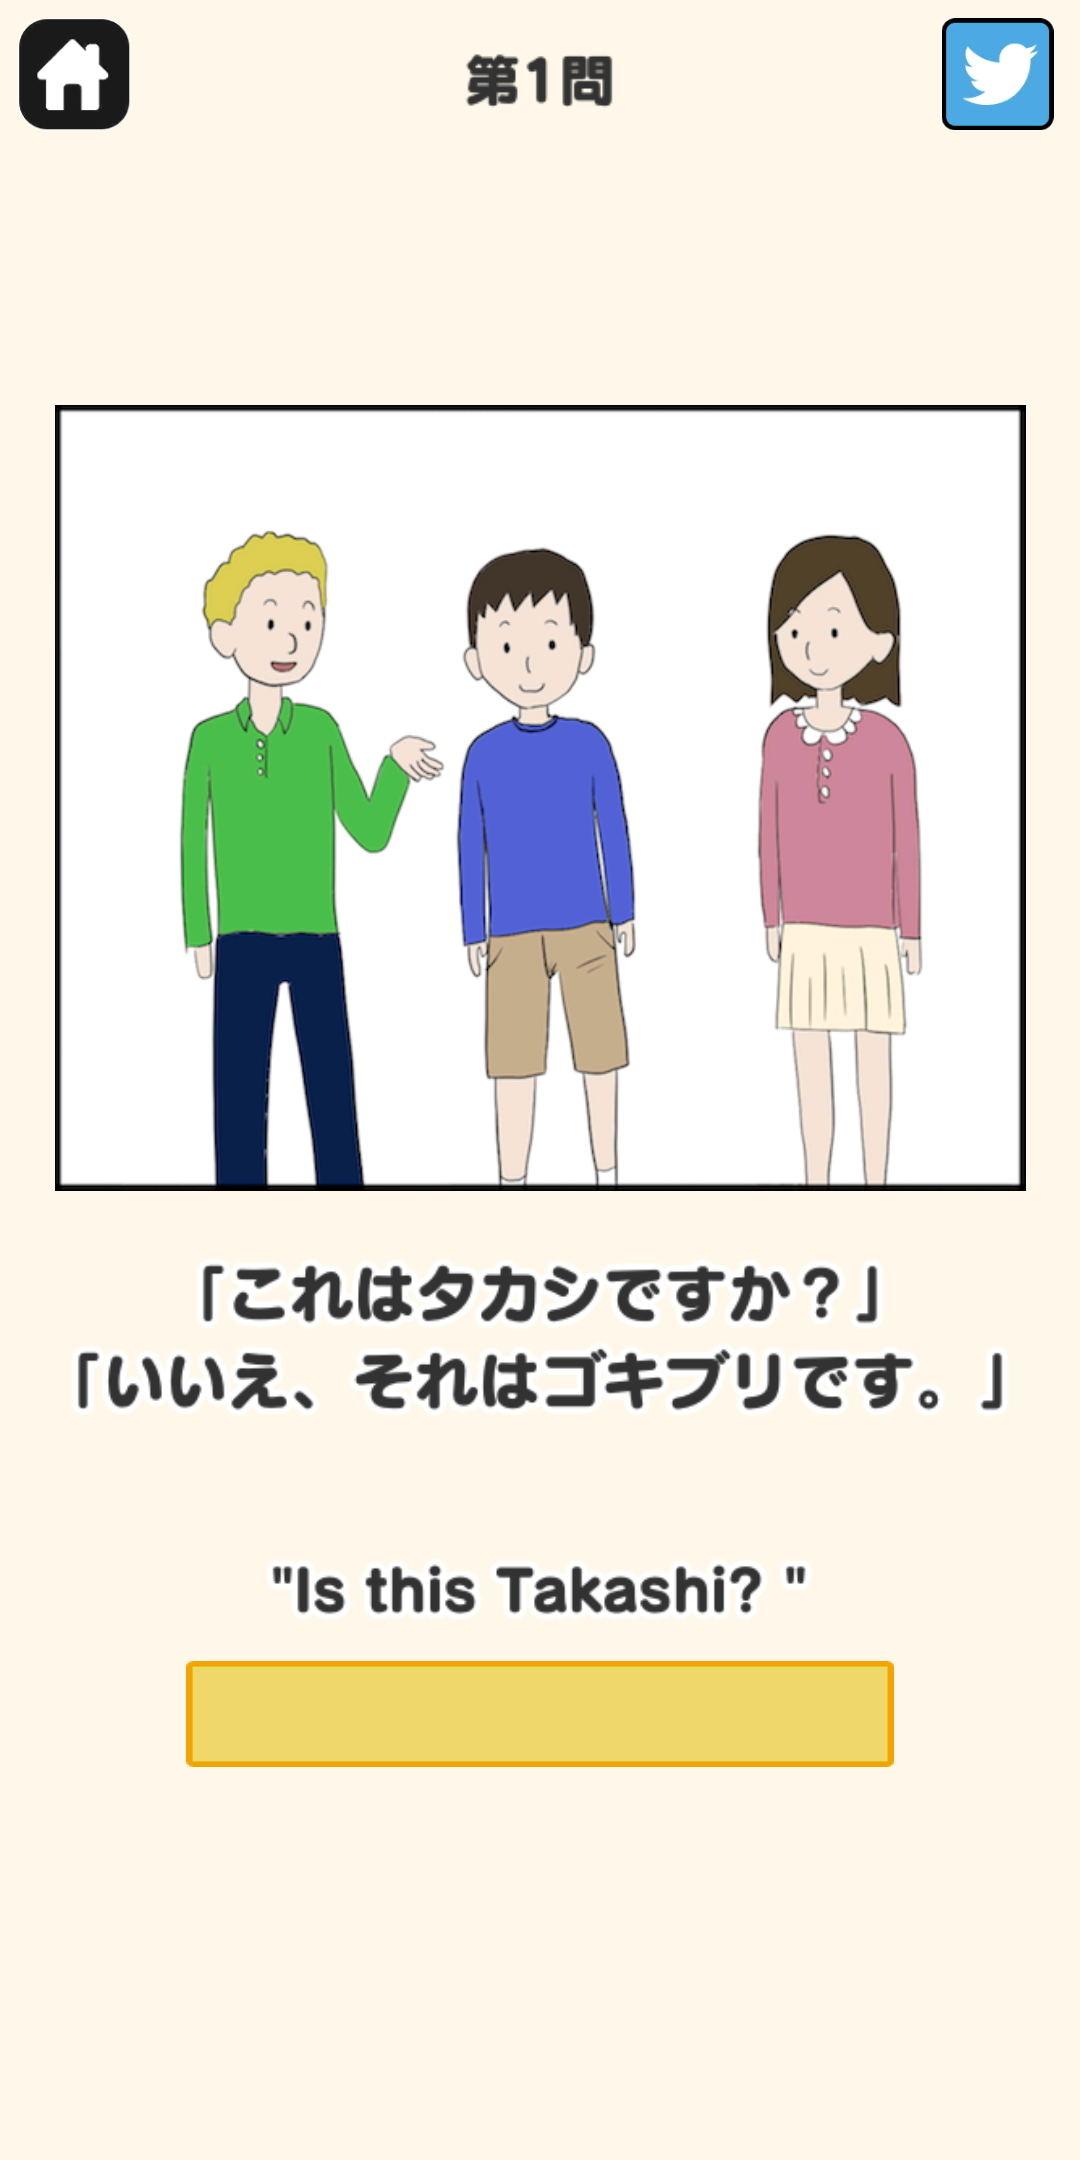 いつの間にか 英語